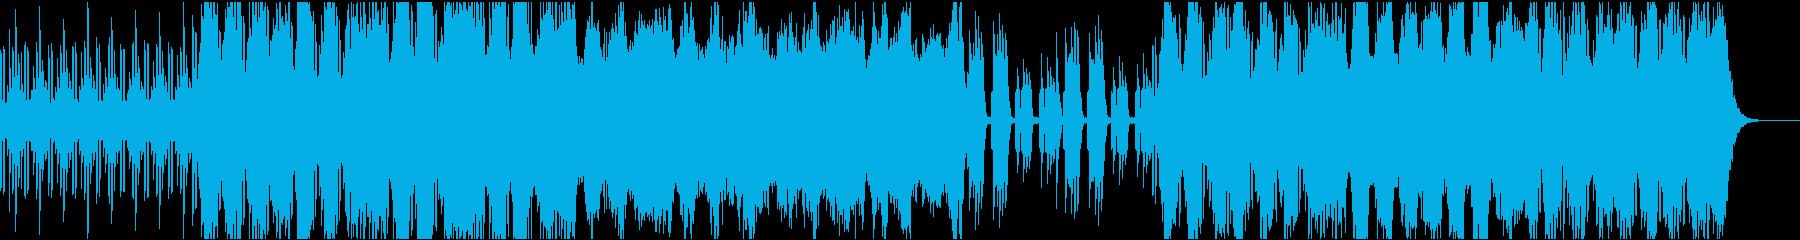 実験的な アンビエント アクティブ...の再生済みの波形